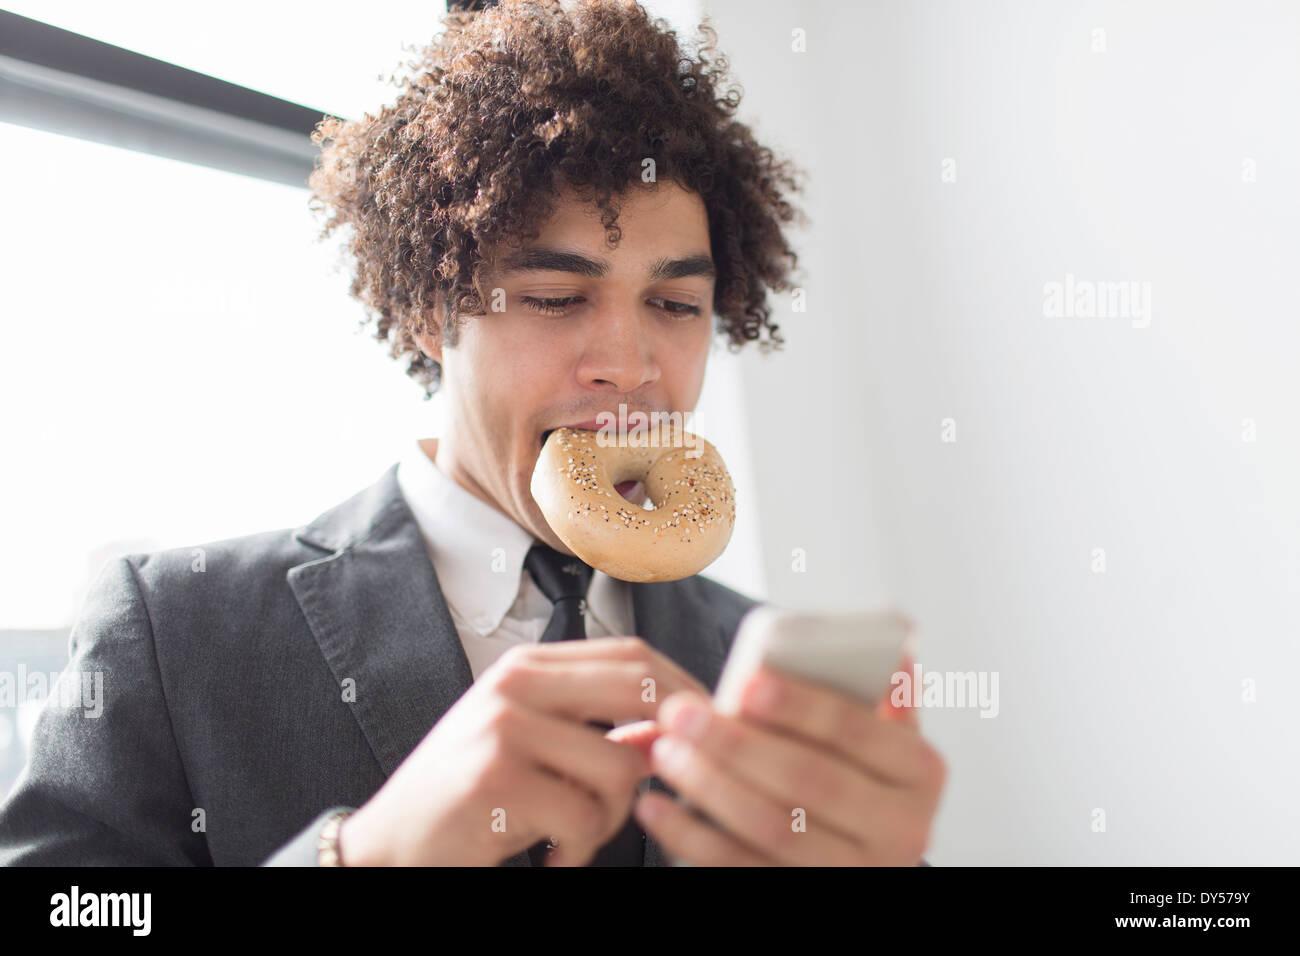 Junger Mann mit Handy mit Bagel in Mund Stockfoto